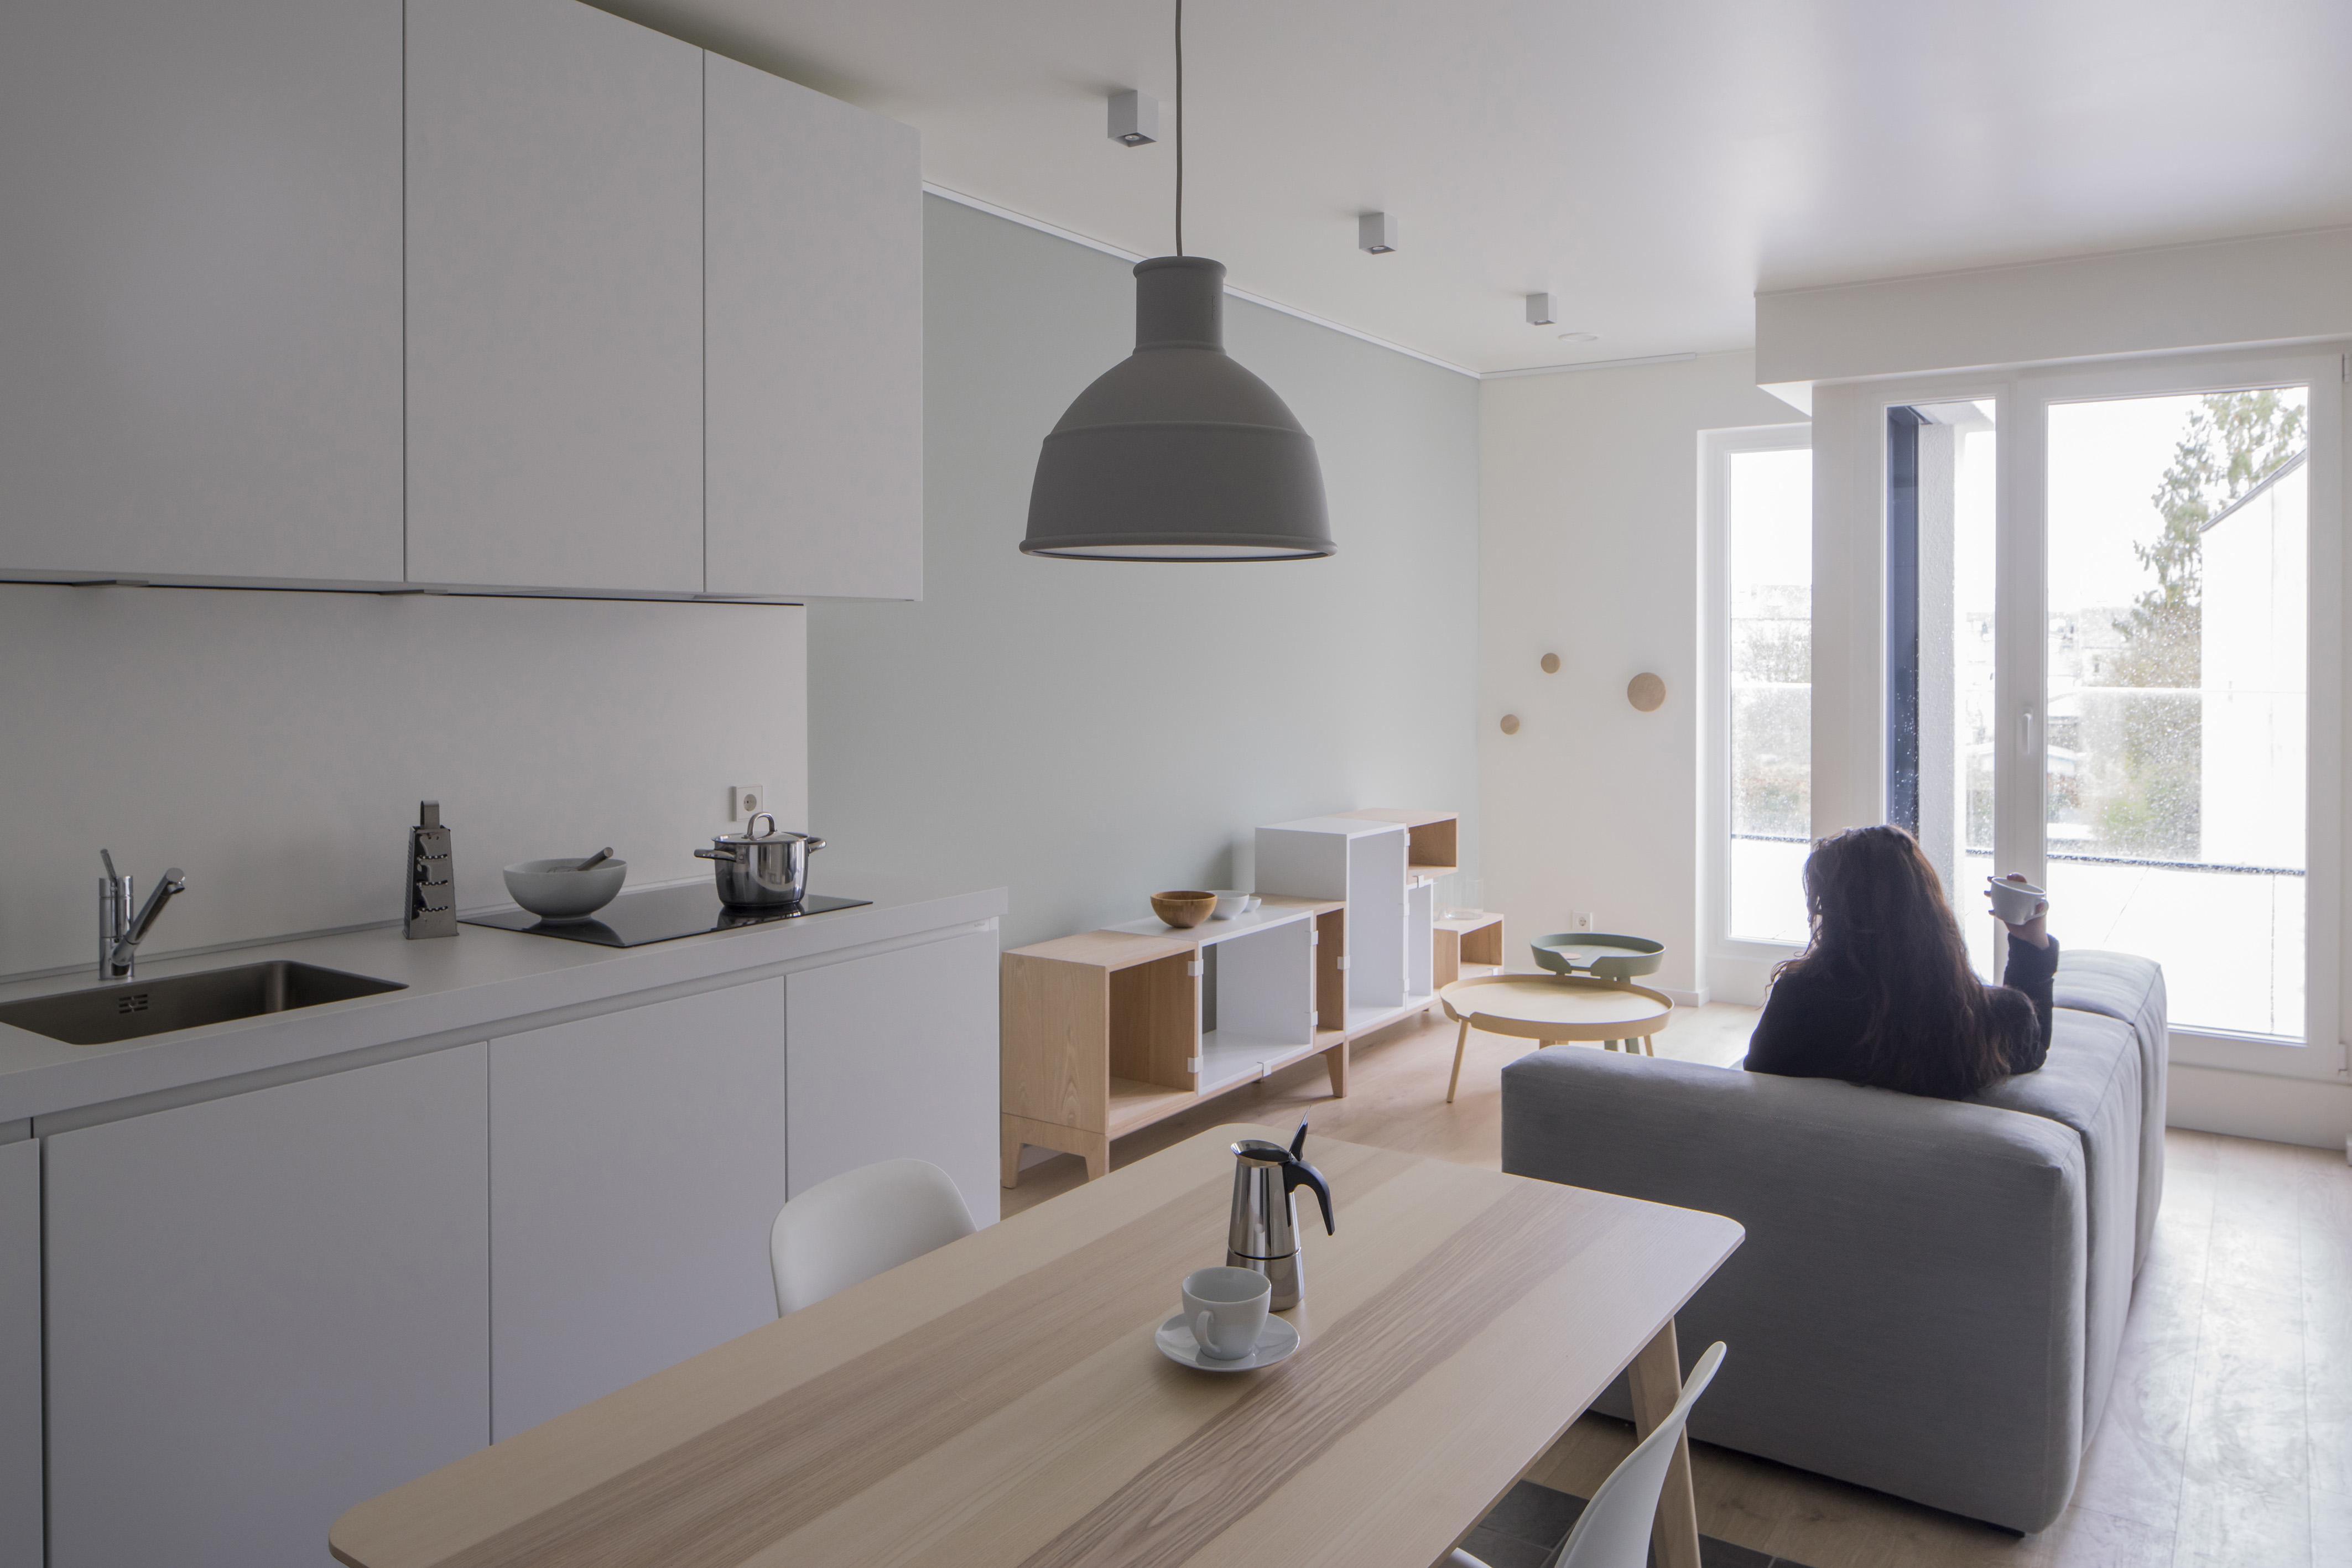 La pièce à vivre bénéficie d'une large baie donnant sur une terrasse.